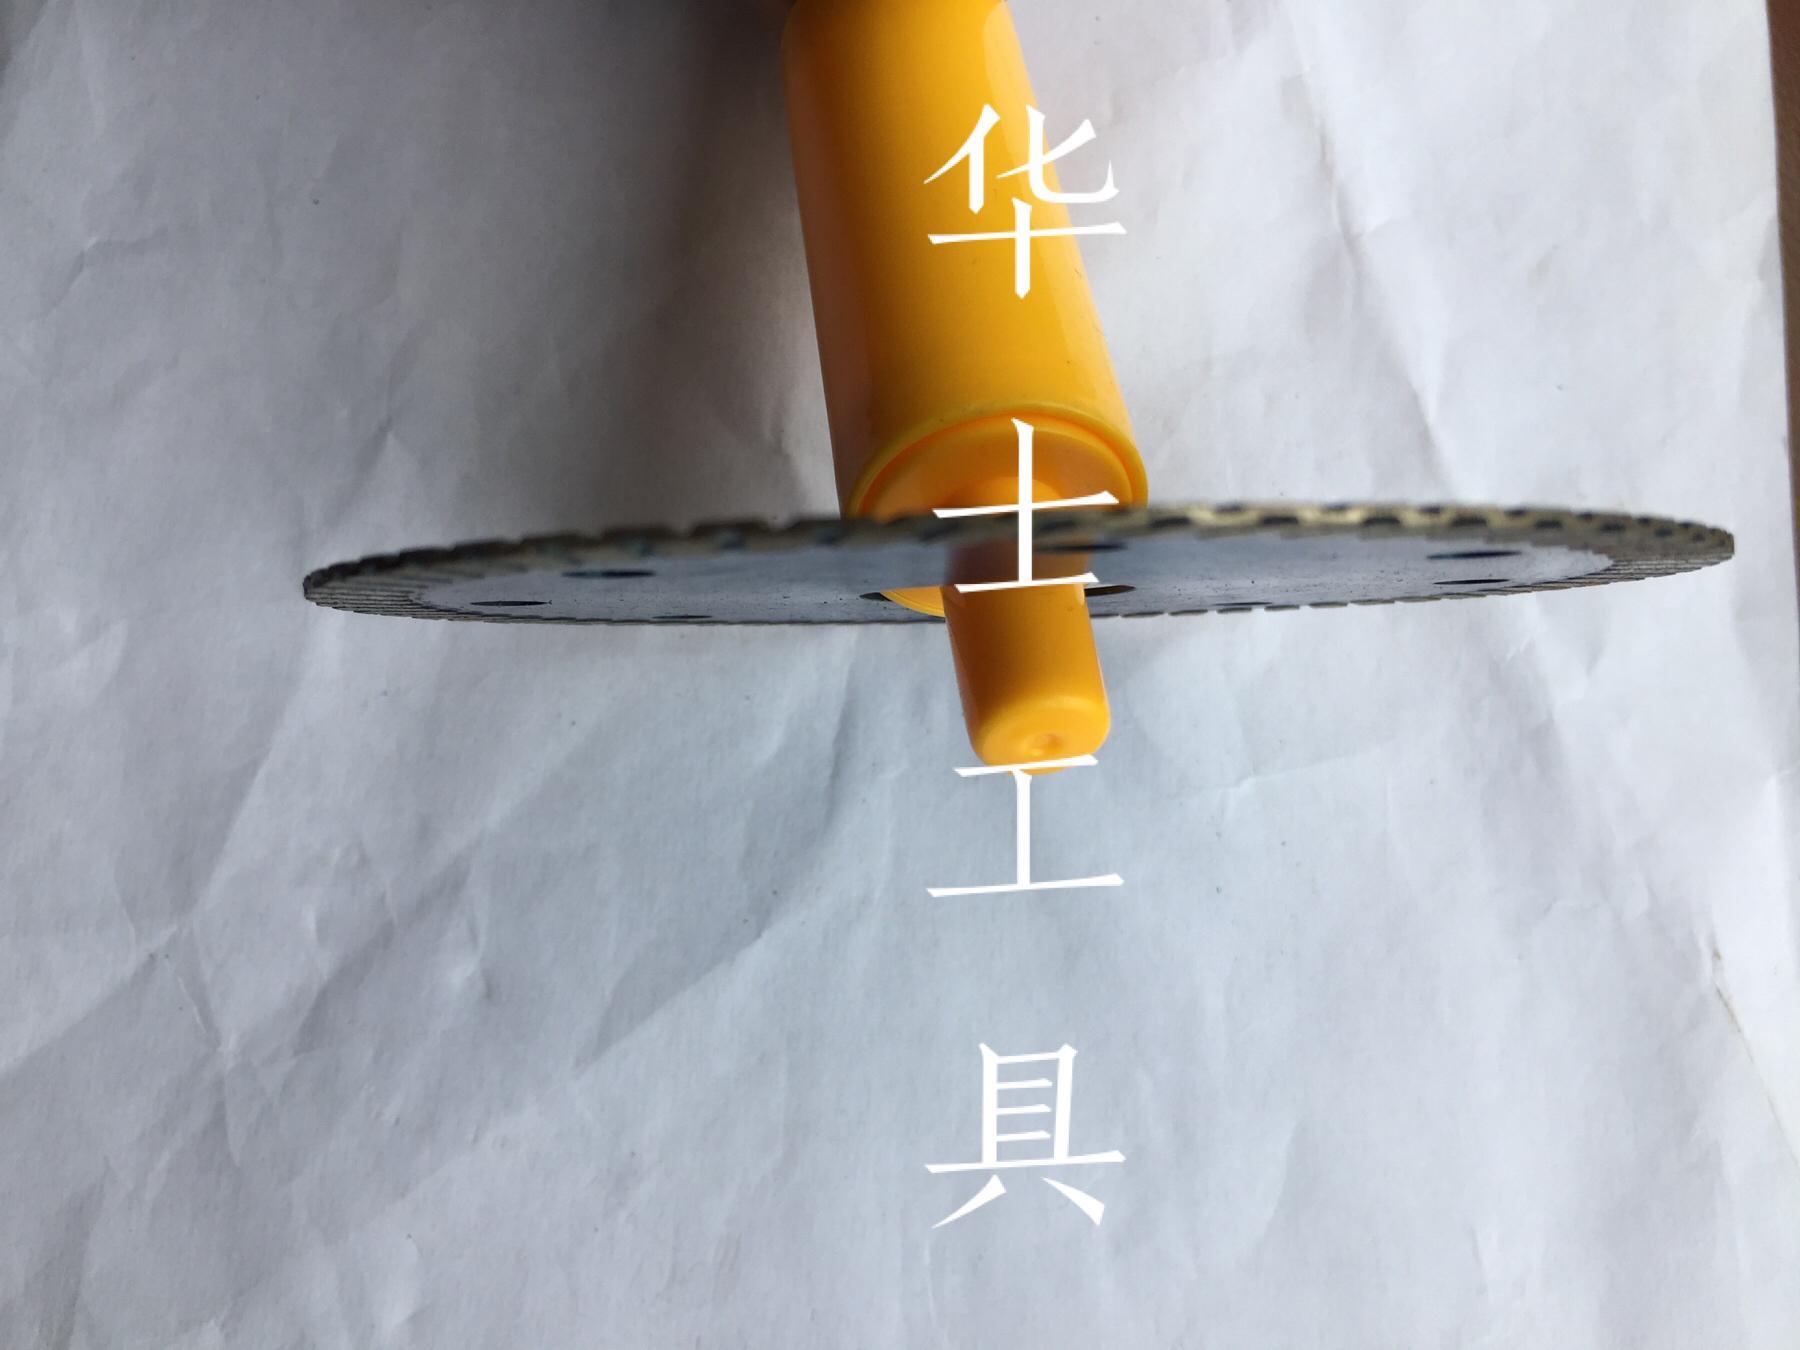 瓷砖-金刚石锯片    2